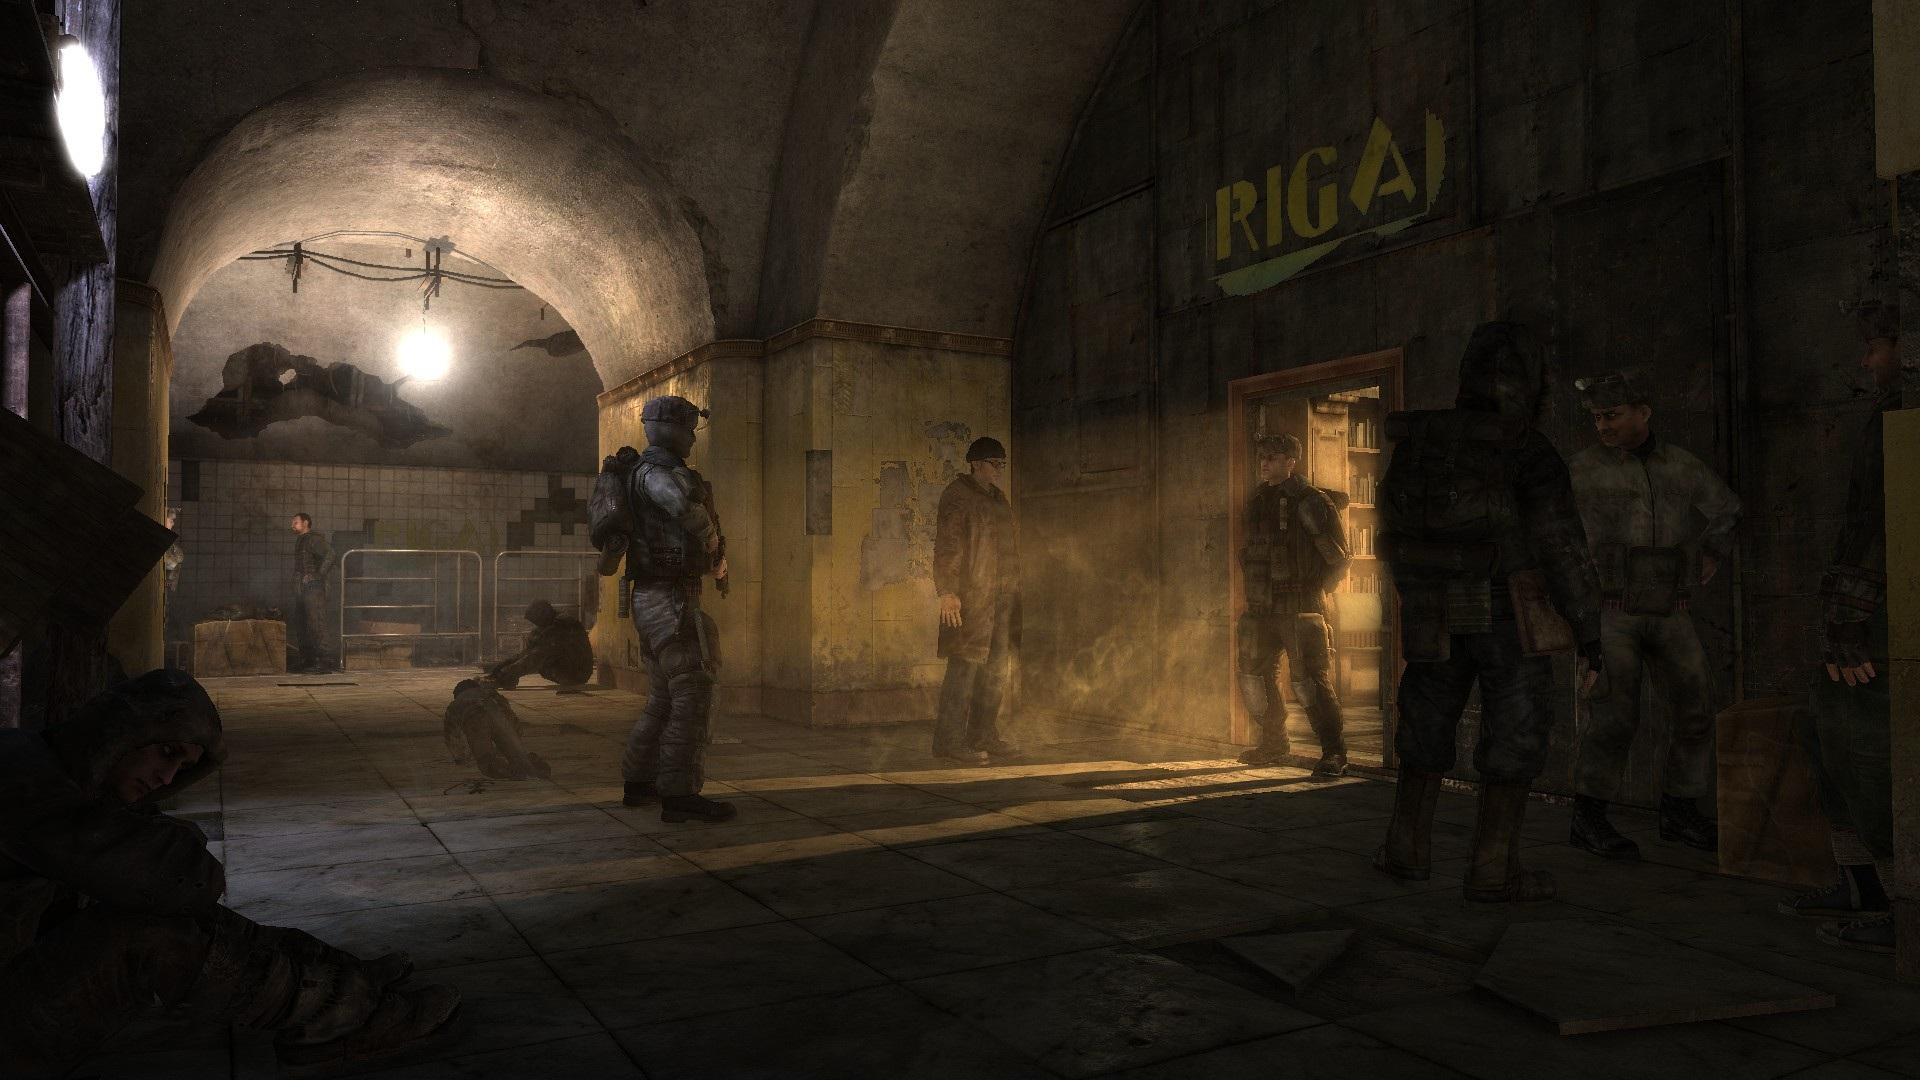 Riga (Metro 2033 Level)